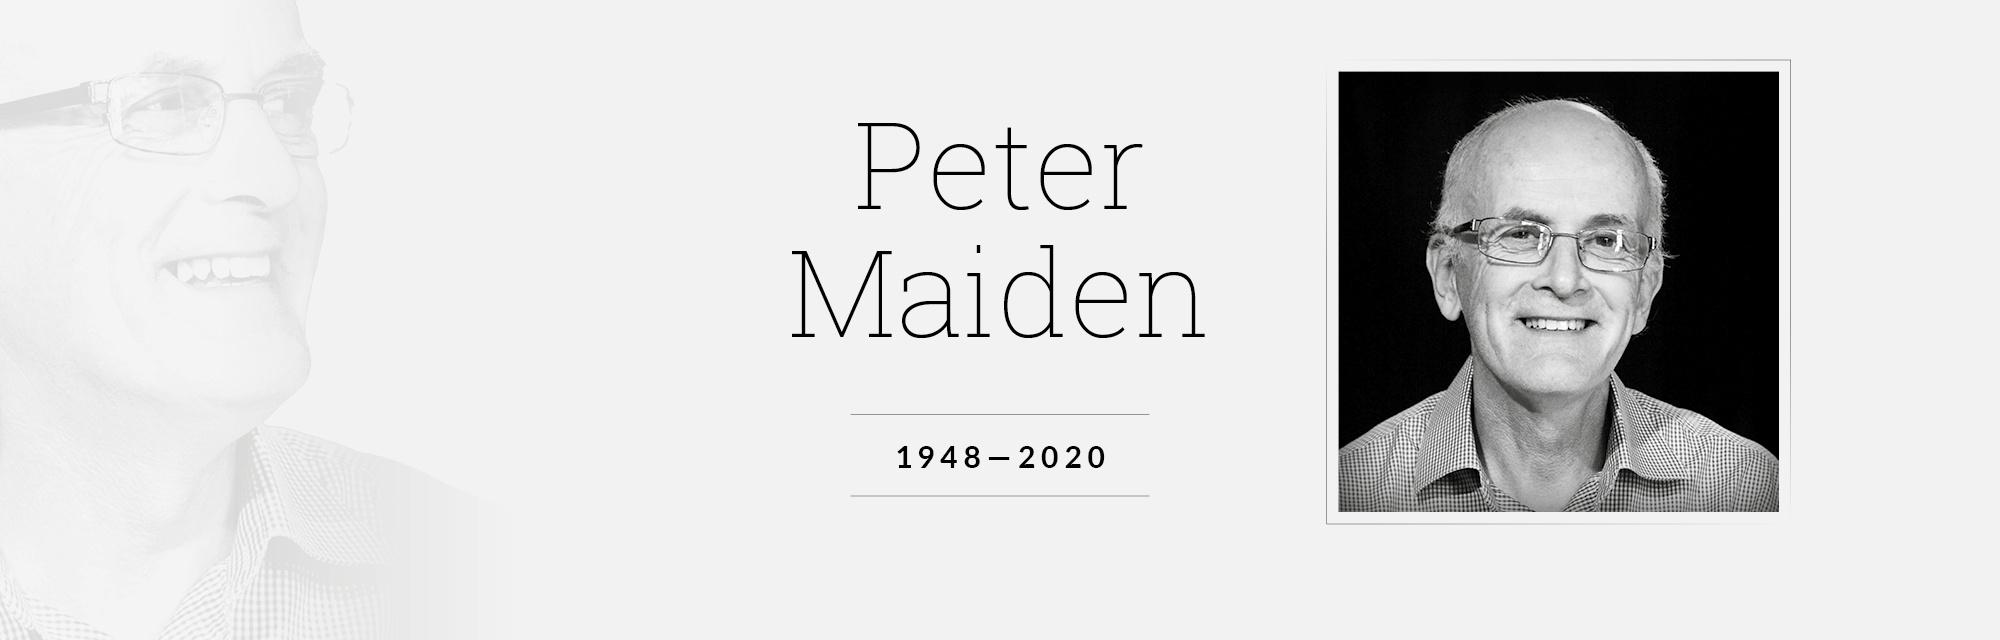 Peter Maiden 1948-2020